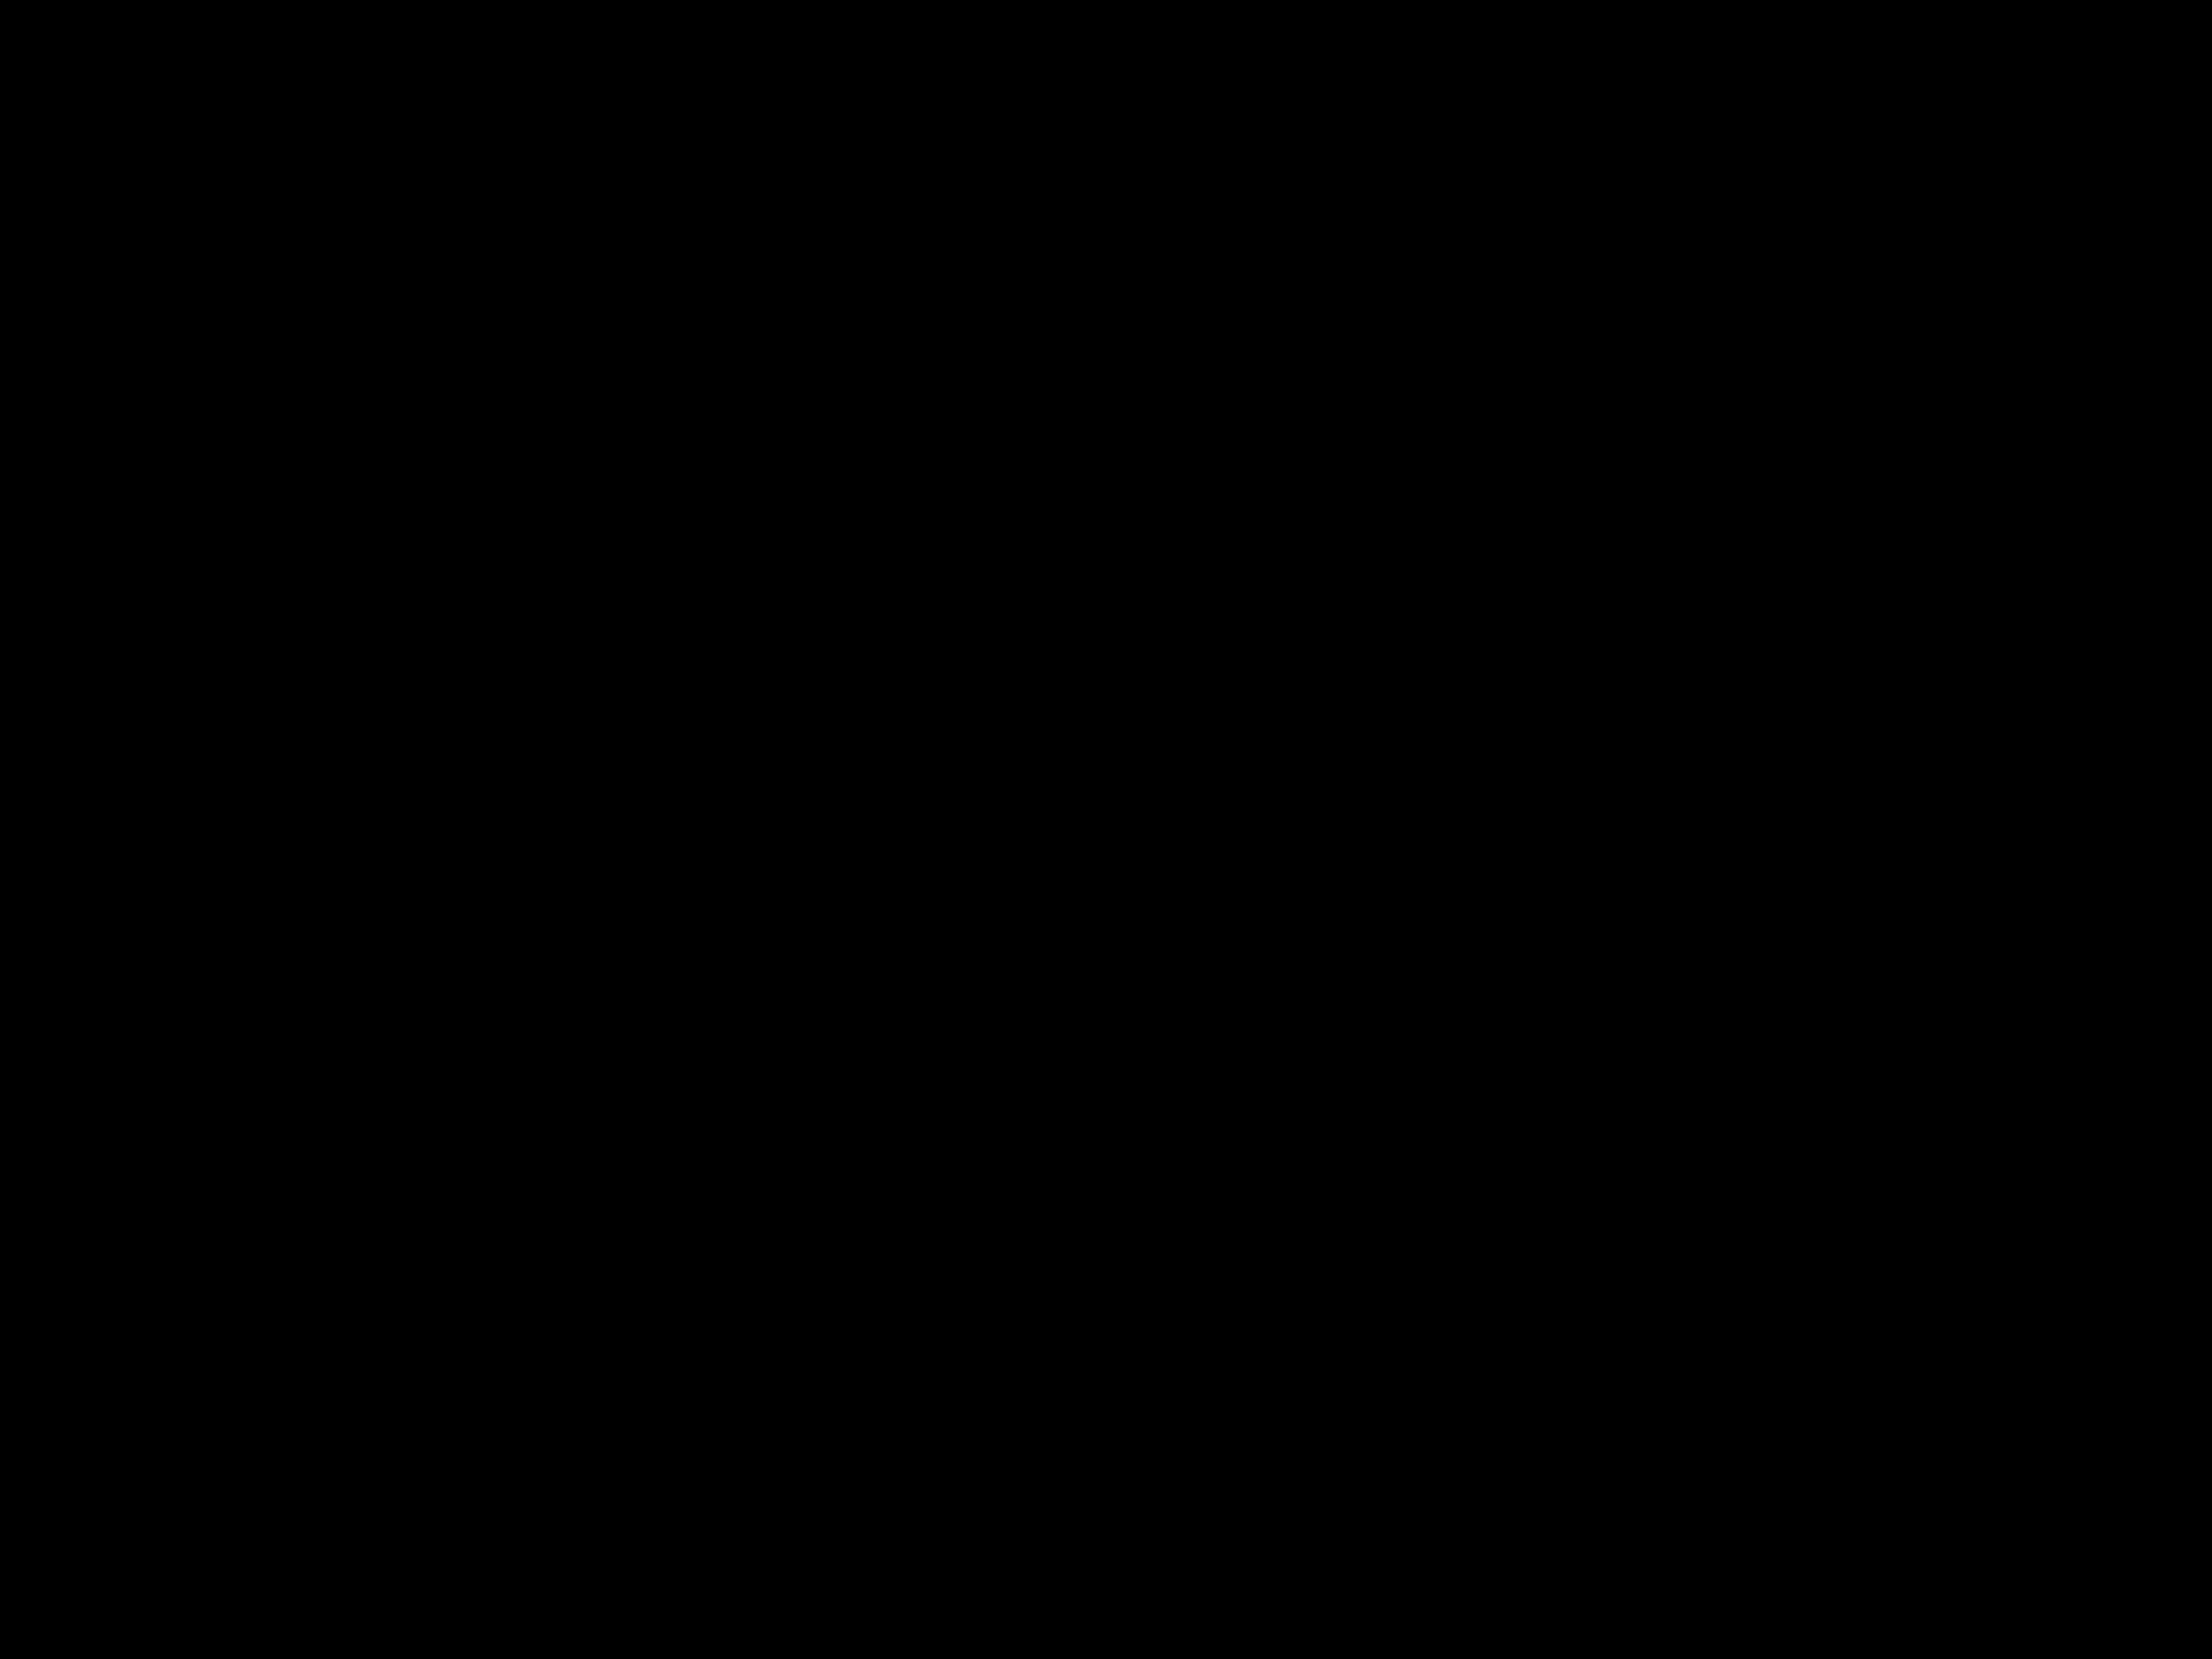 Virtual Design Conference